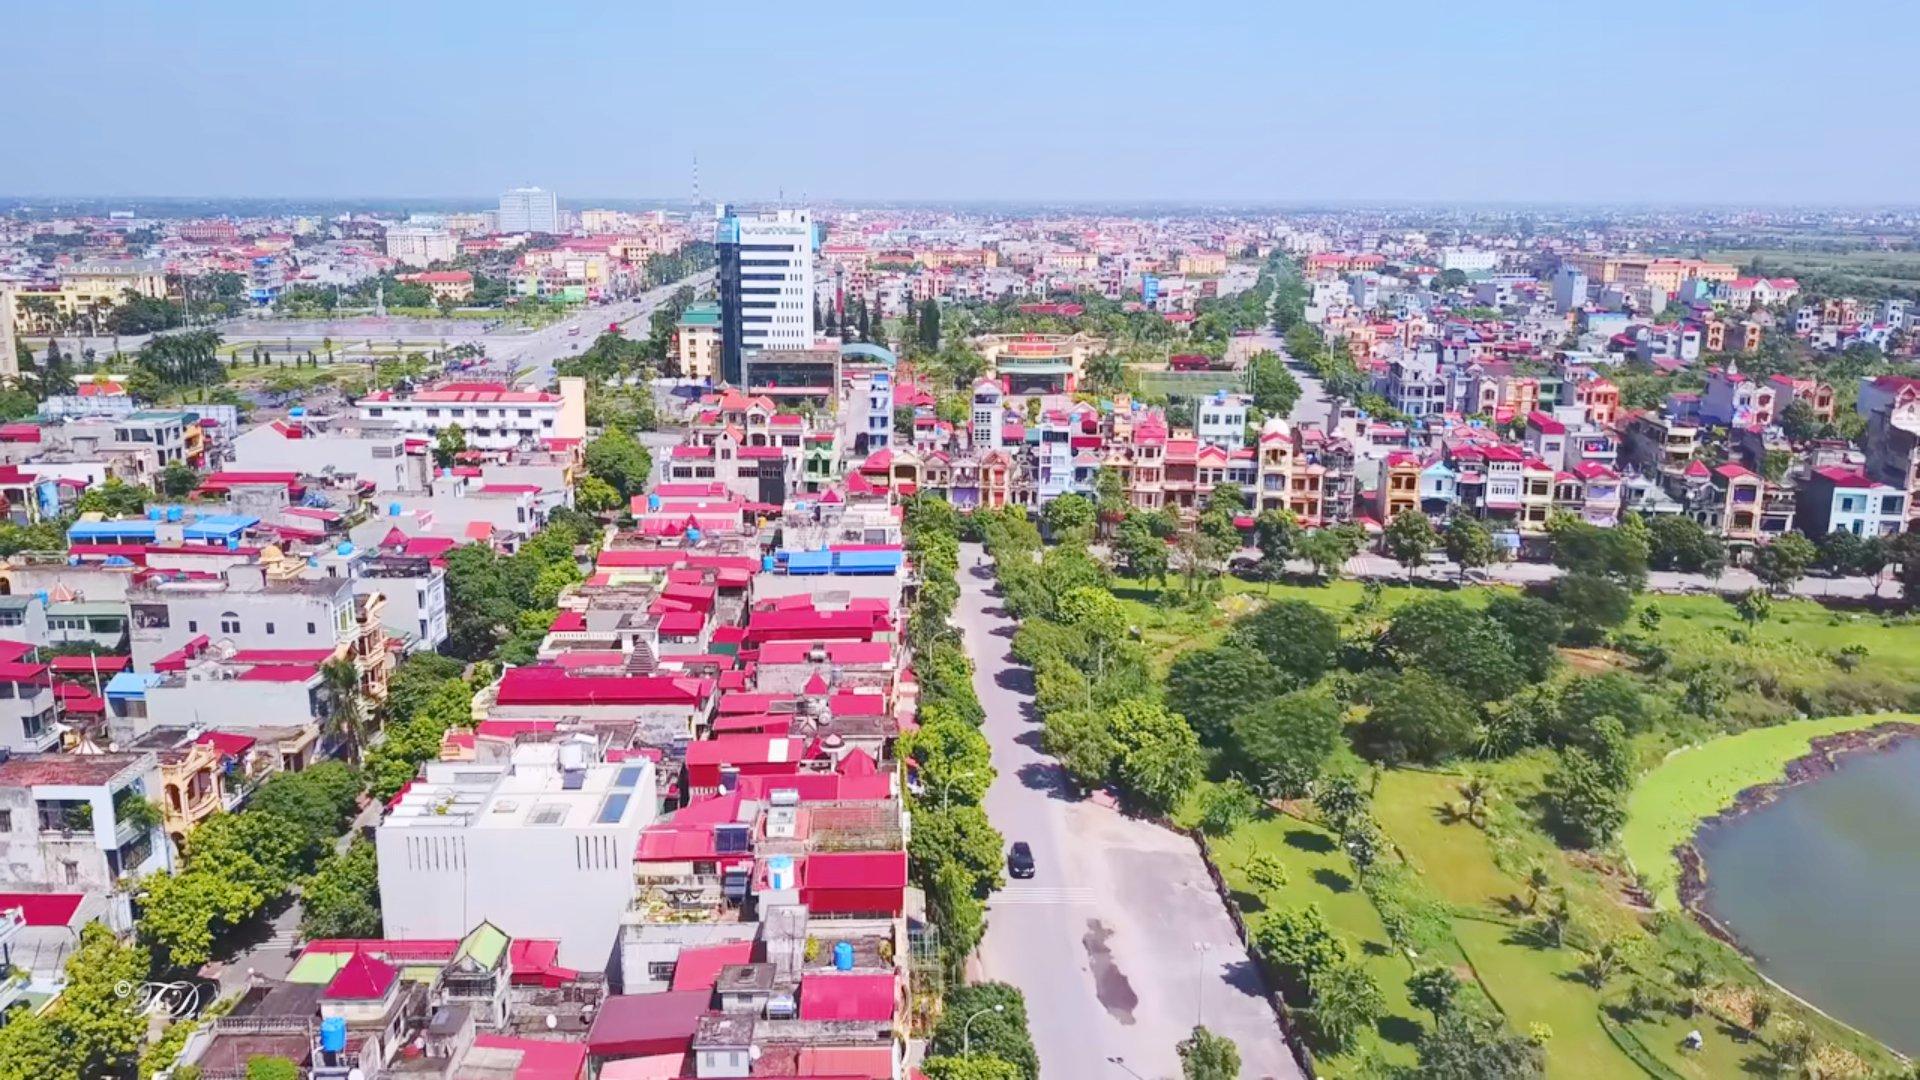 Hưng Yên: Quy hoạch xây dựng dự án Khu nhà ở tại huyện Yên Mỹ